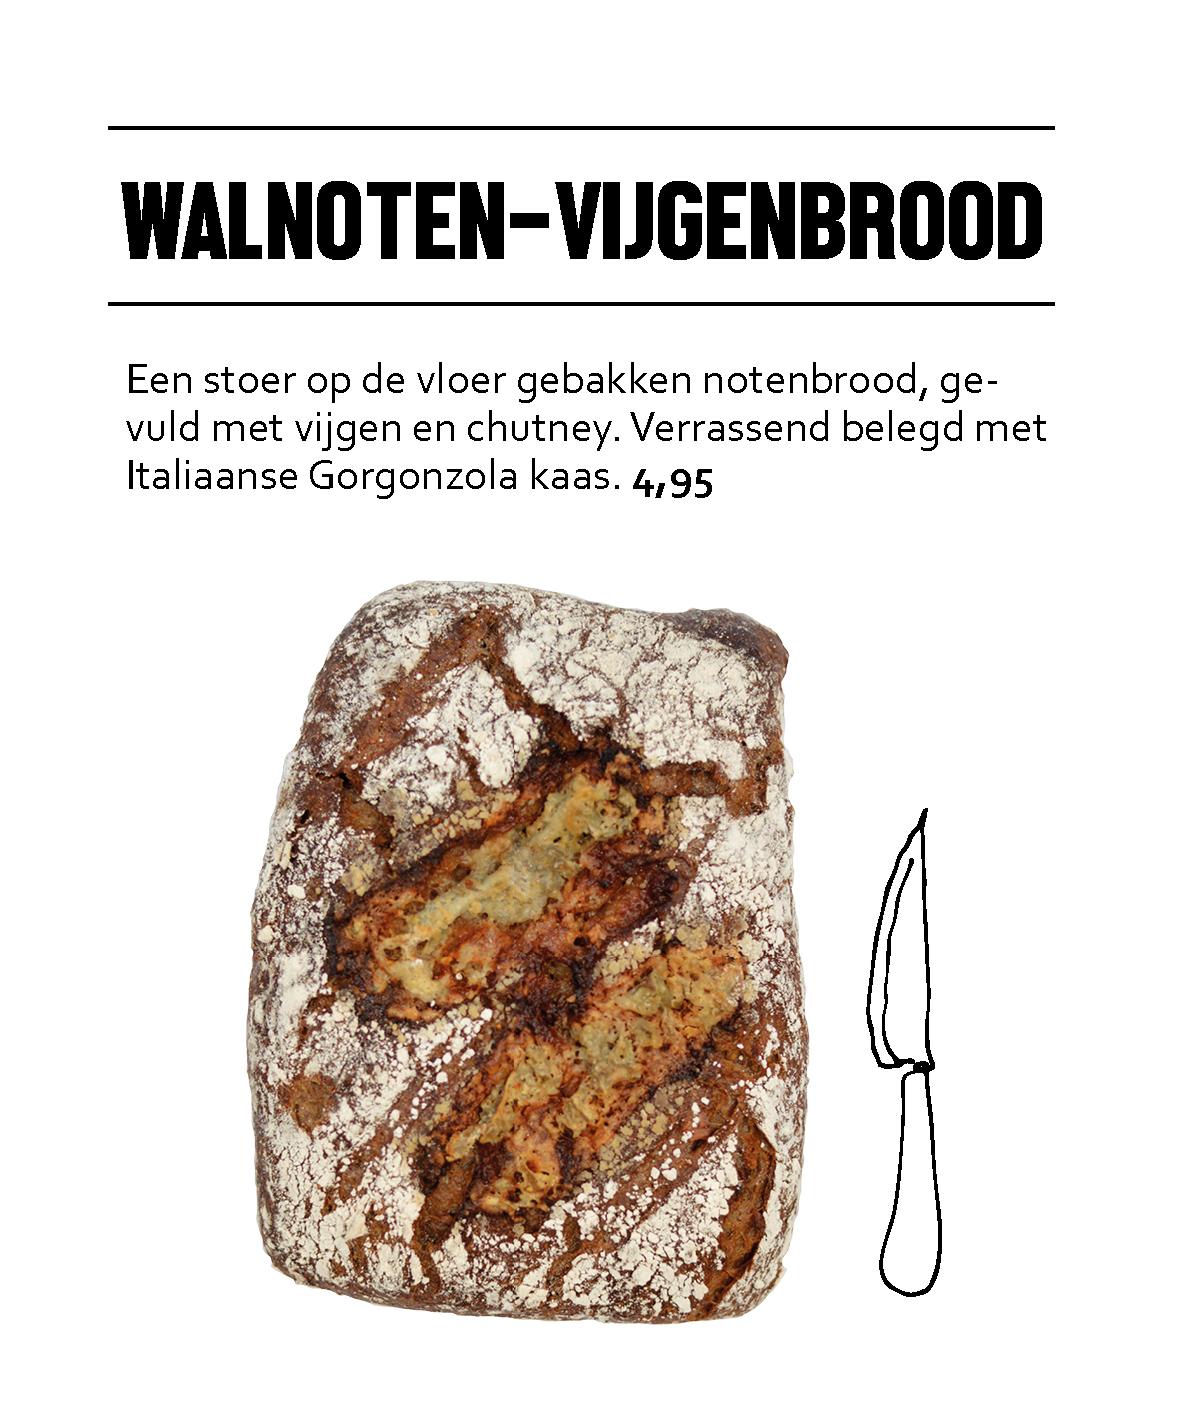 bakkerskeuken_product walnoot.jpg